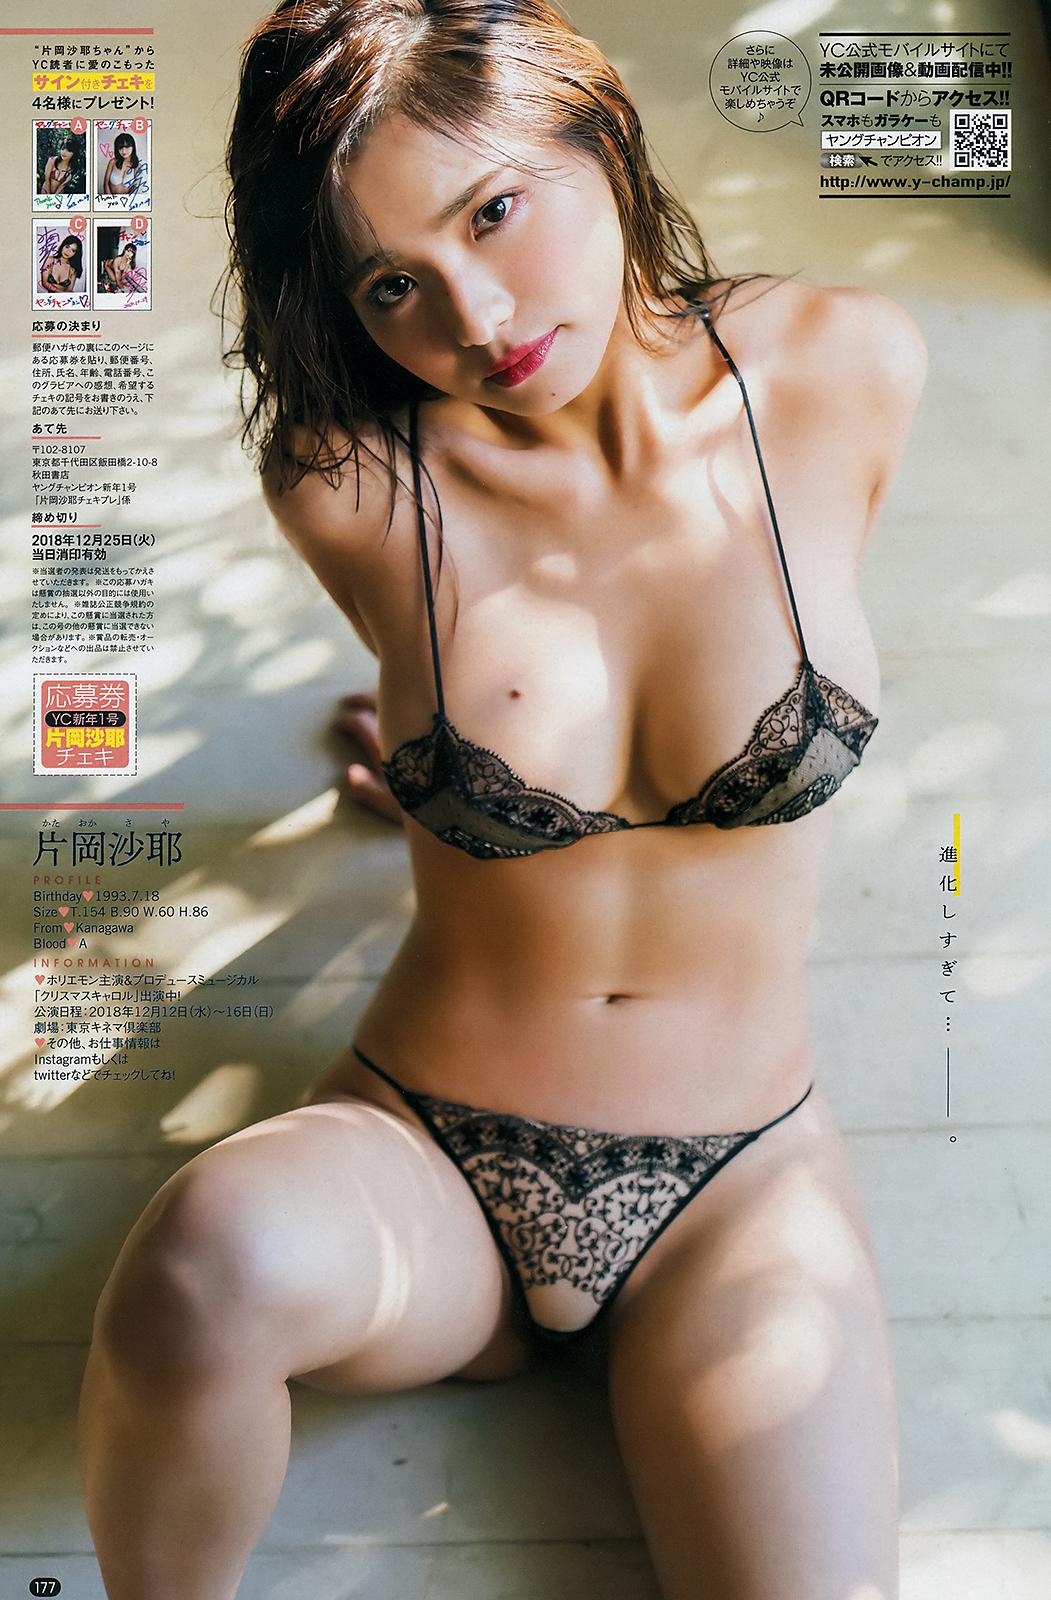 片岡沙耶20